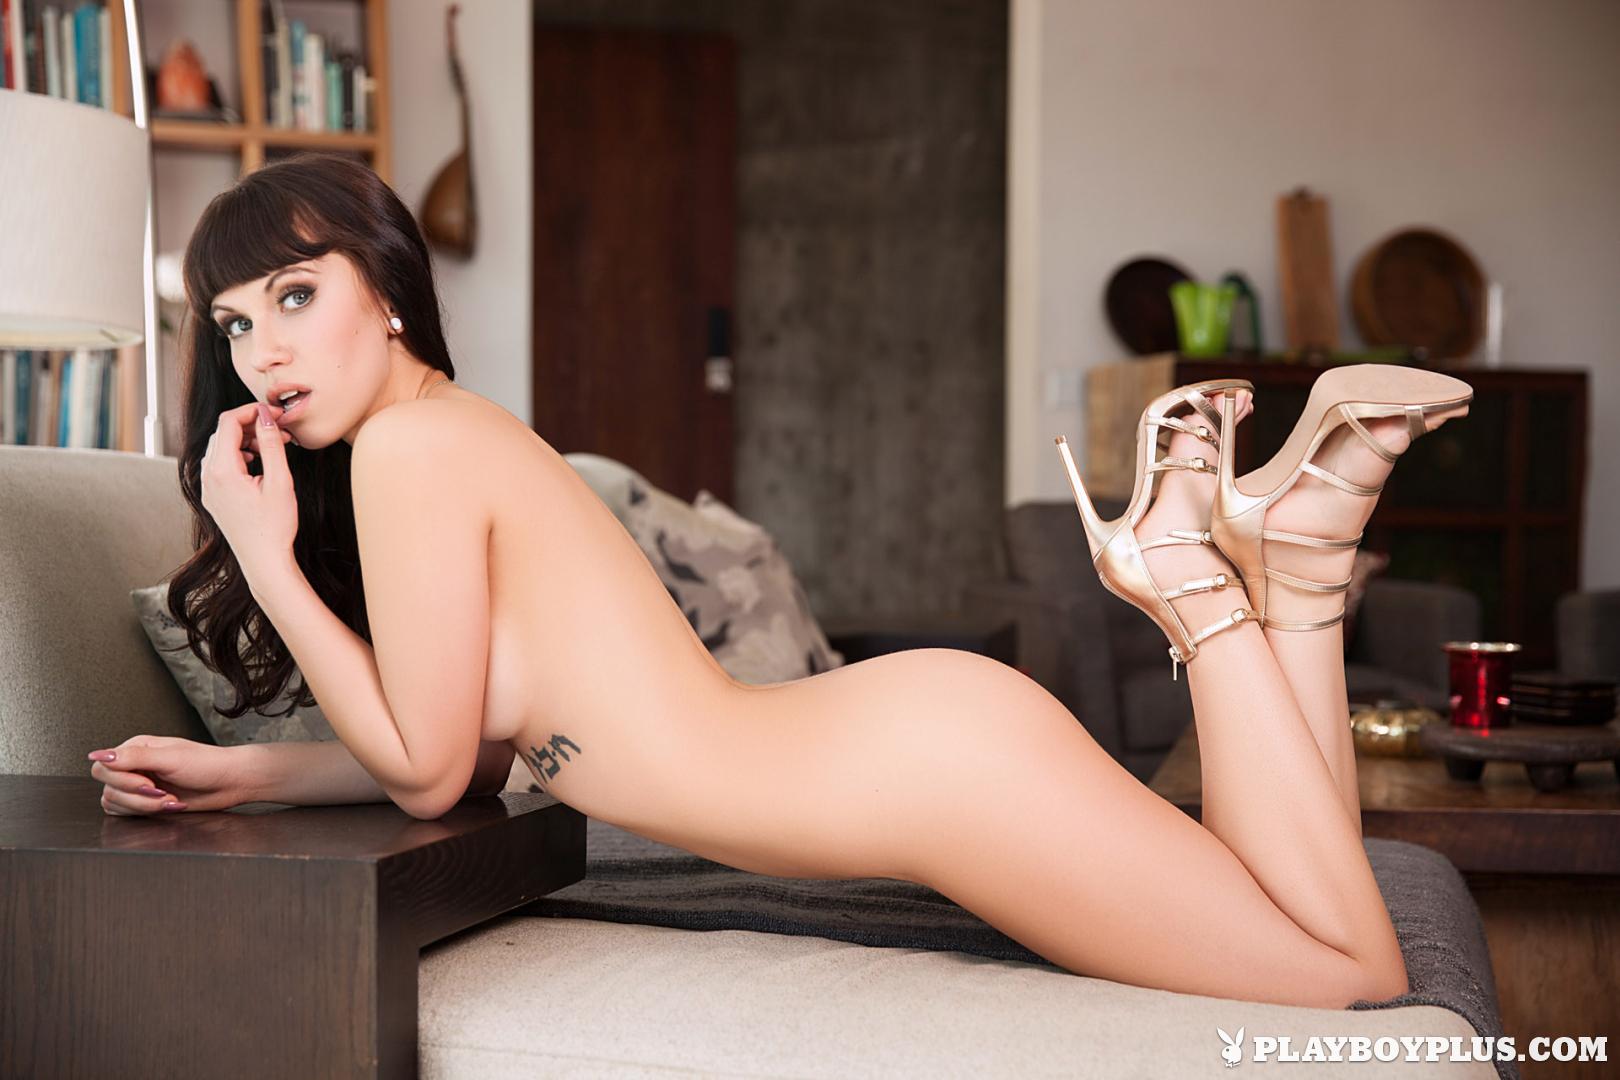 Justine Miller in Sweet Surrender - Playboy Plus 24